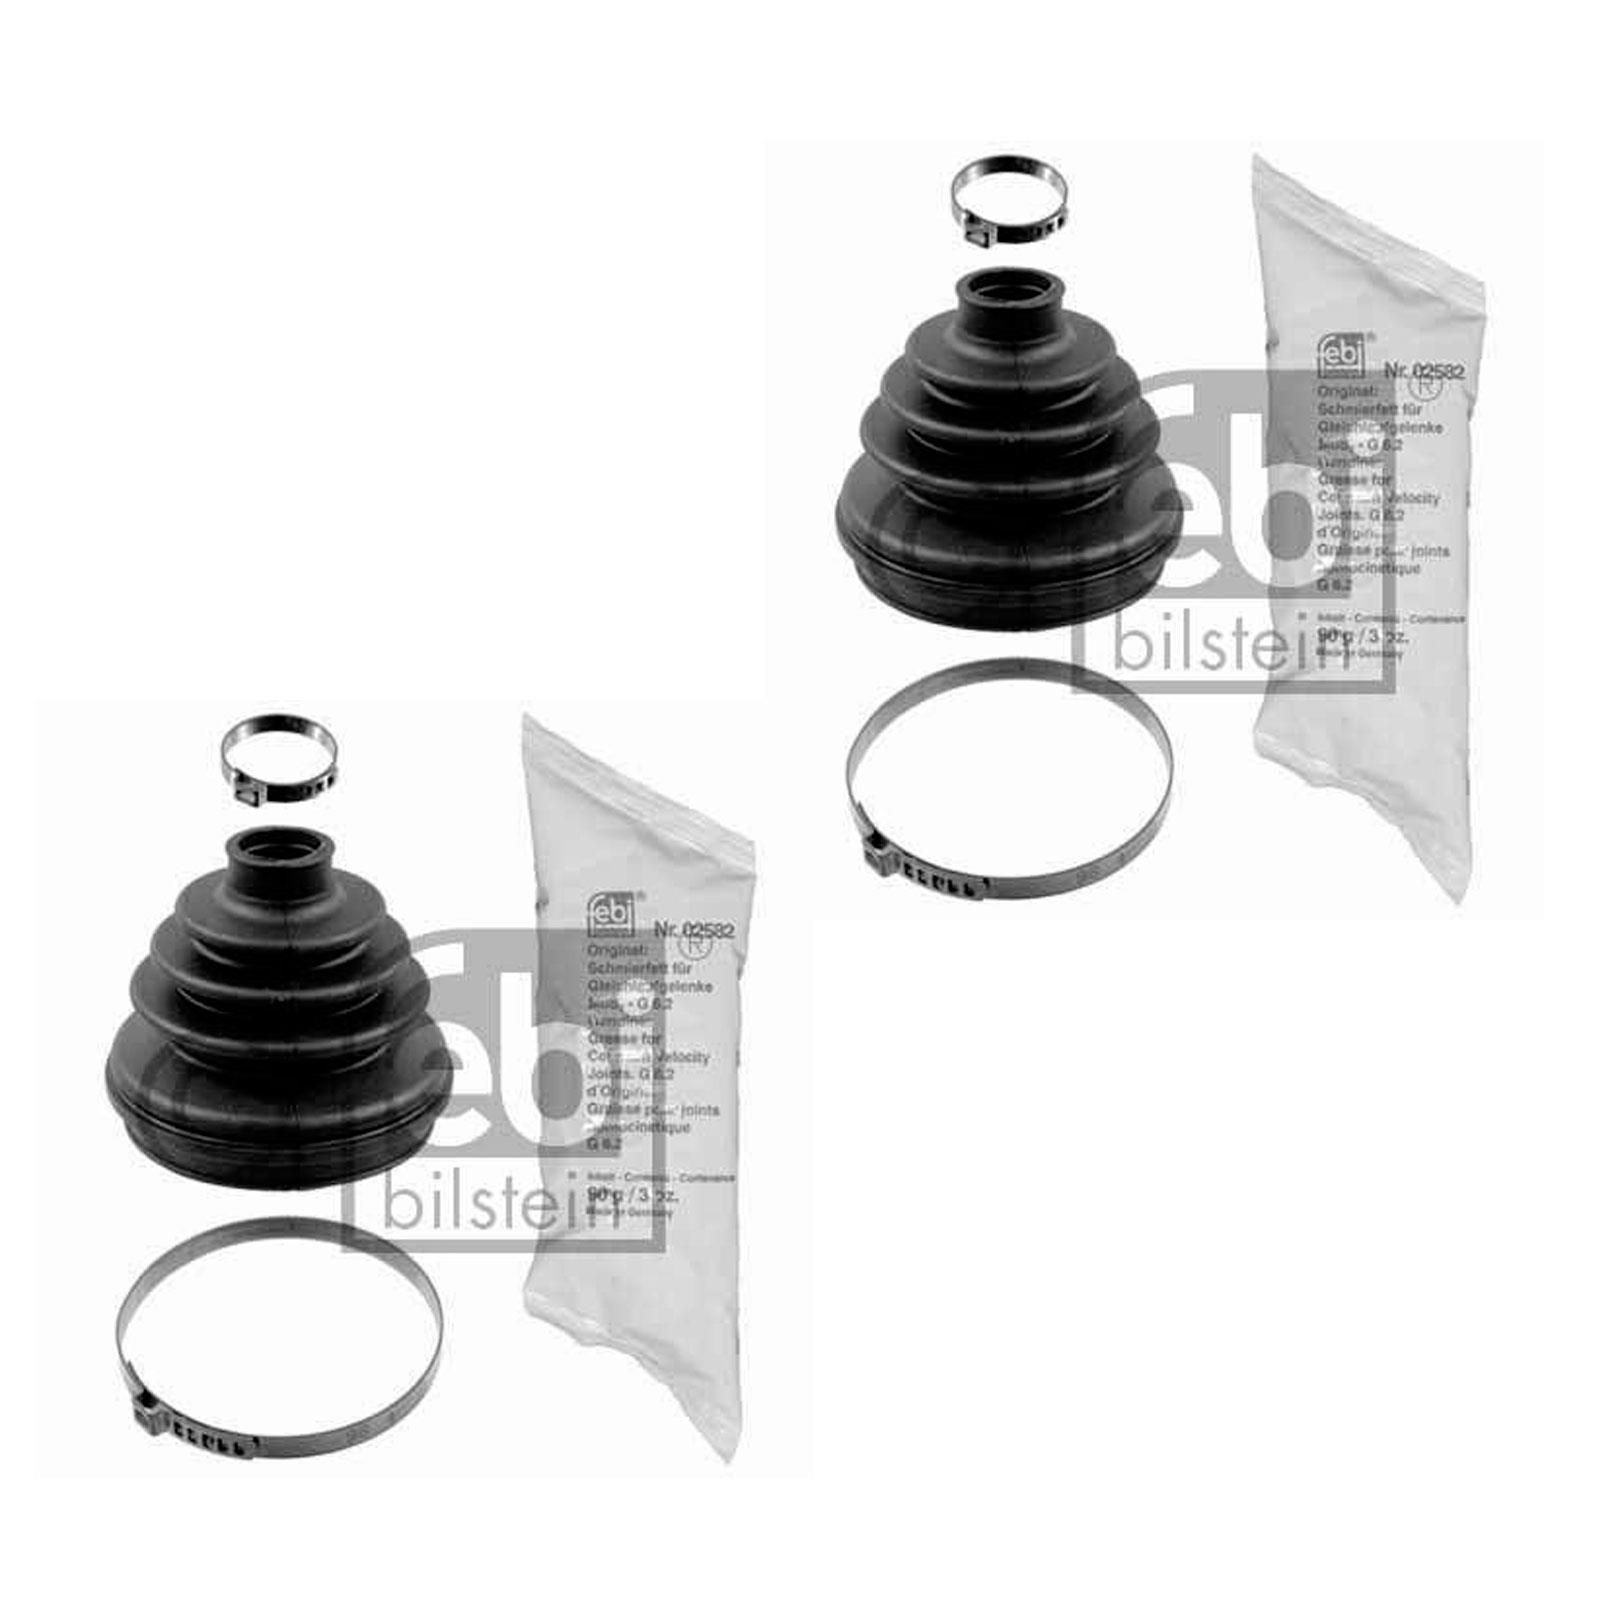 2x Achsmanschette Gelenkwelle vorn radseitig OPEL Calibra A 2.0i 16V